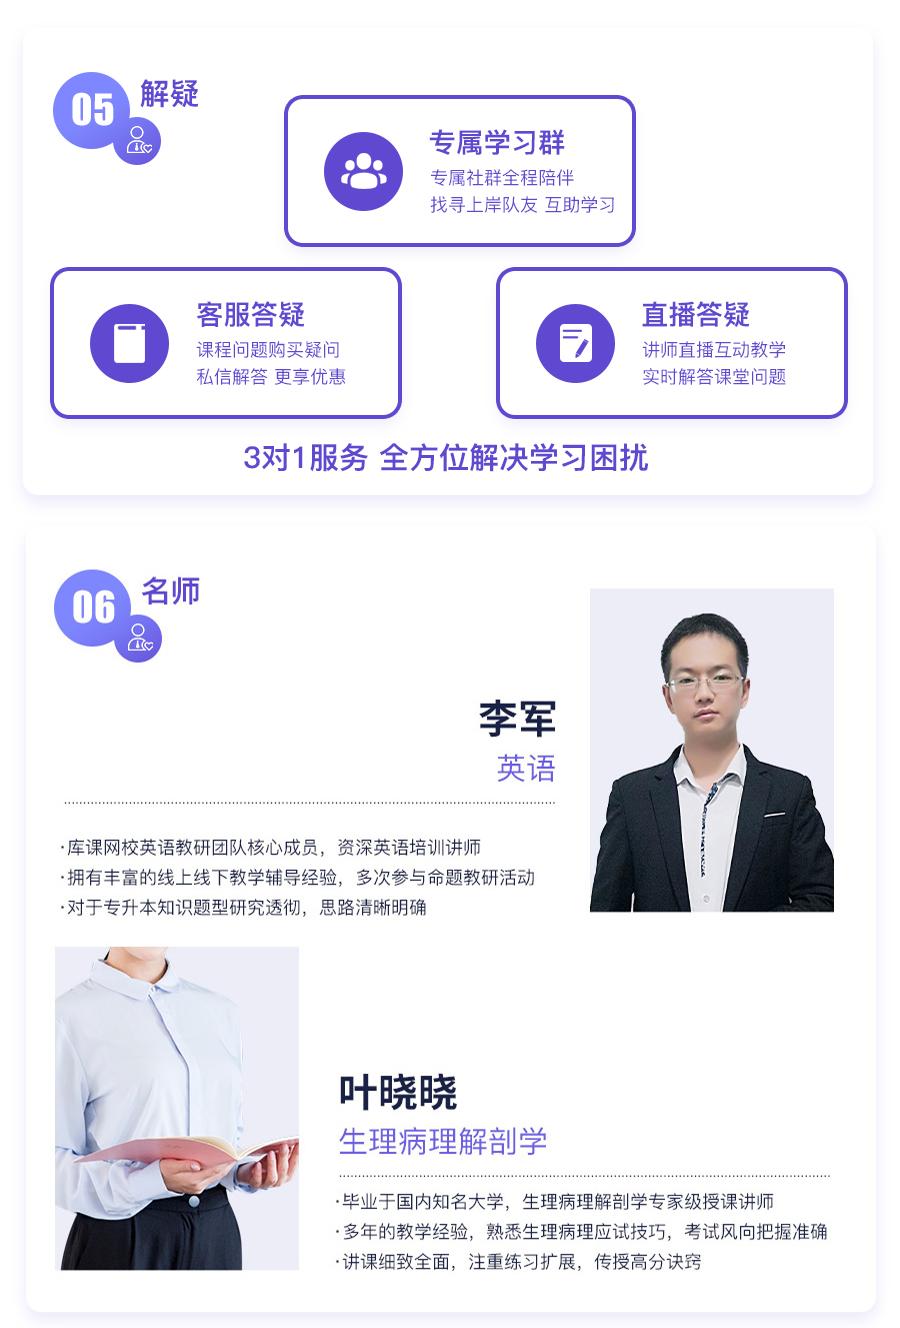 河南专升本【英语+生理病理解剖学】·上岸计划.png